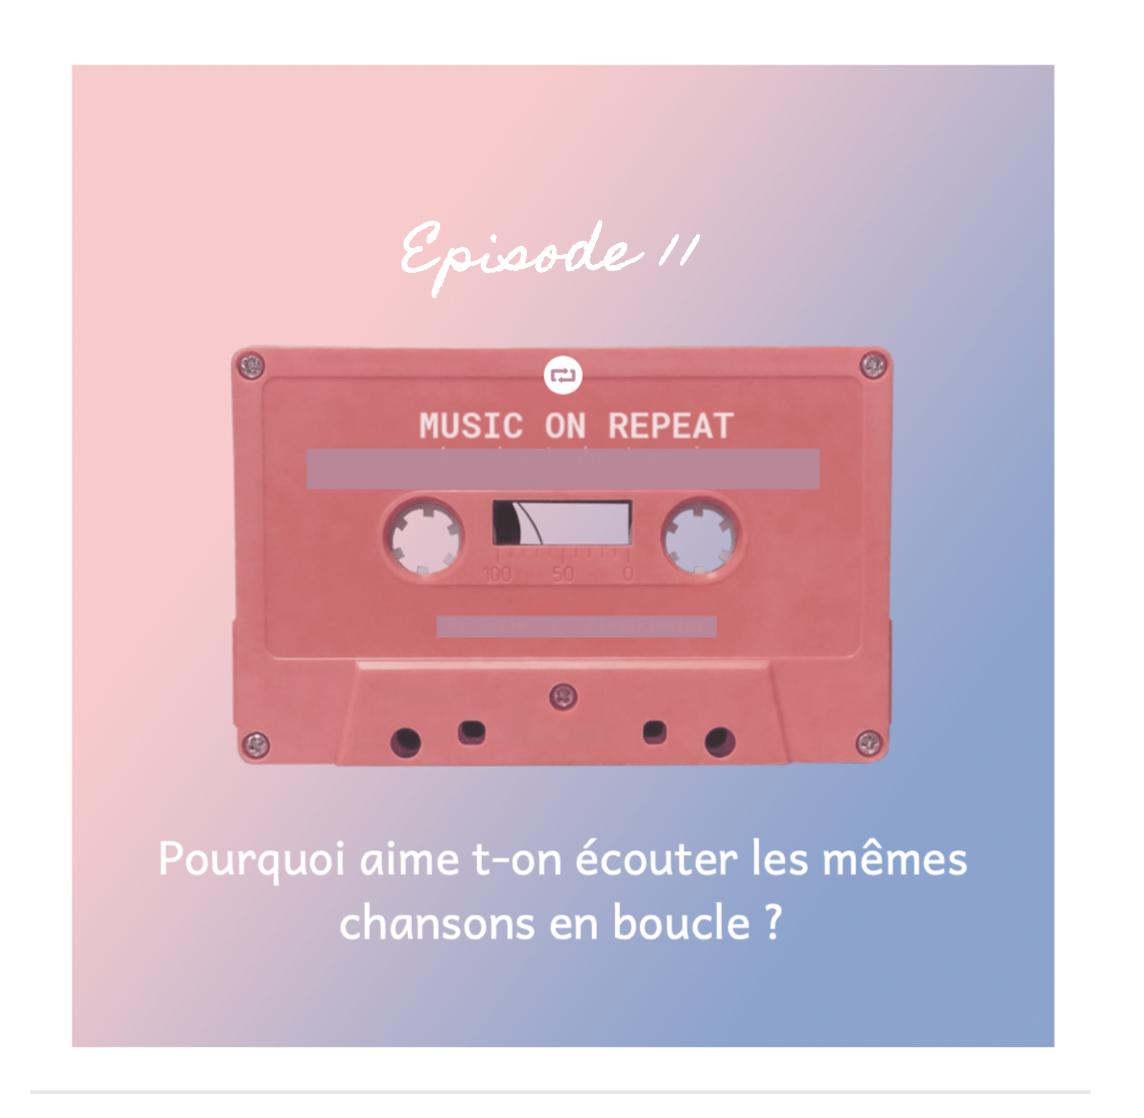 #Episode 11 : Pourquoi aime t-on écouter les mêmes chansons en boucle ?